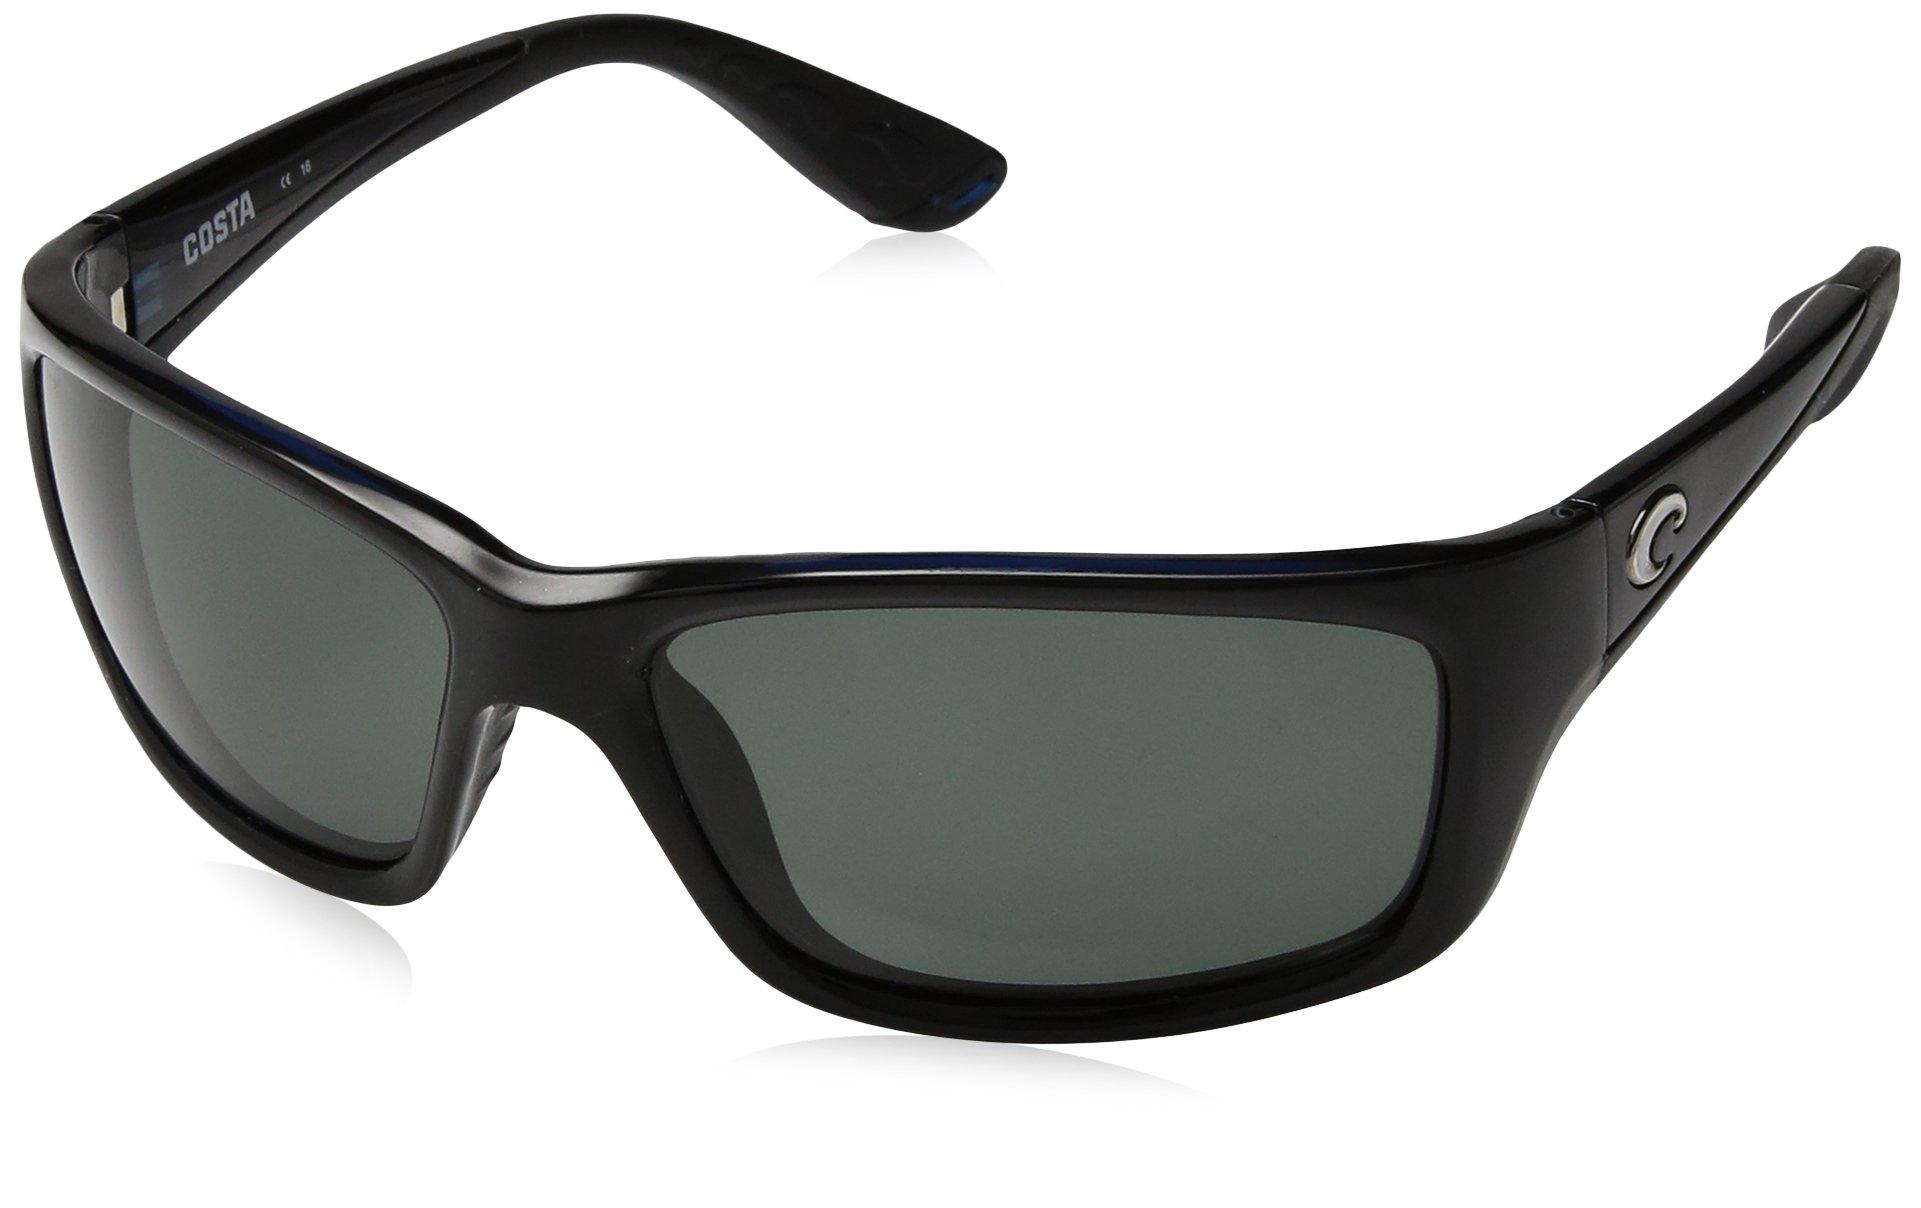 Costa del Mar Men's Jose Polarized Oval Sunglasses, Shiny Black Frame Gray Glass - W580, 61.4 mm by Costa Del Mar